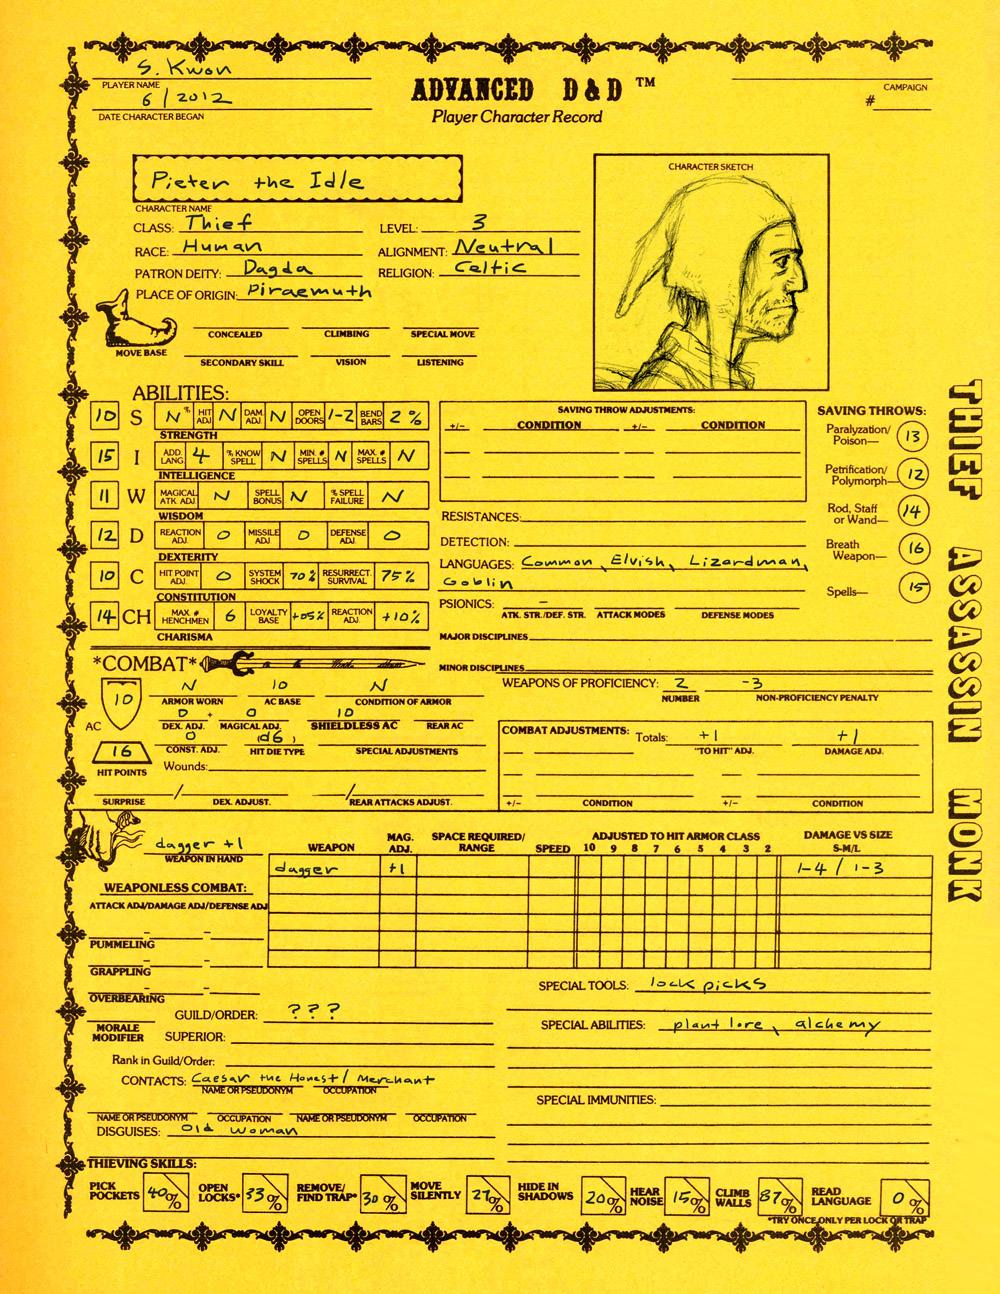 Pieter character sheet